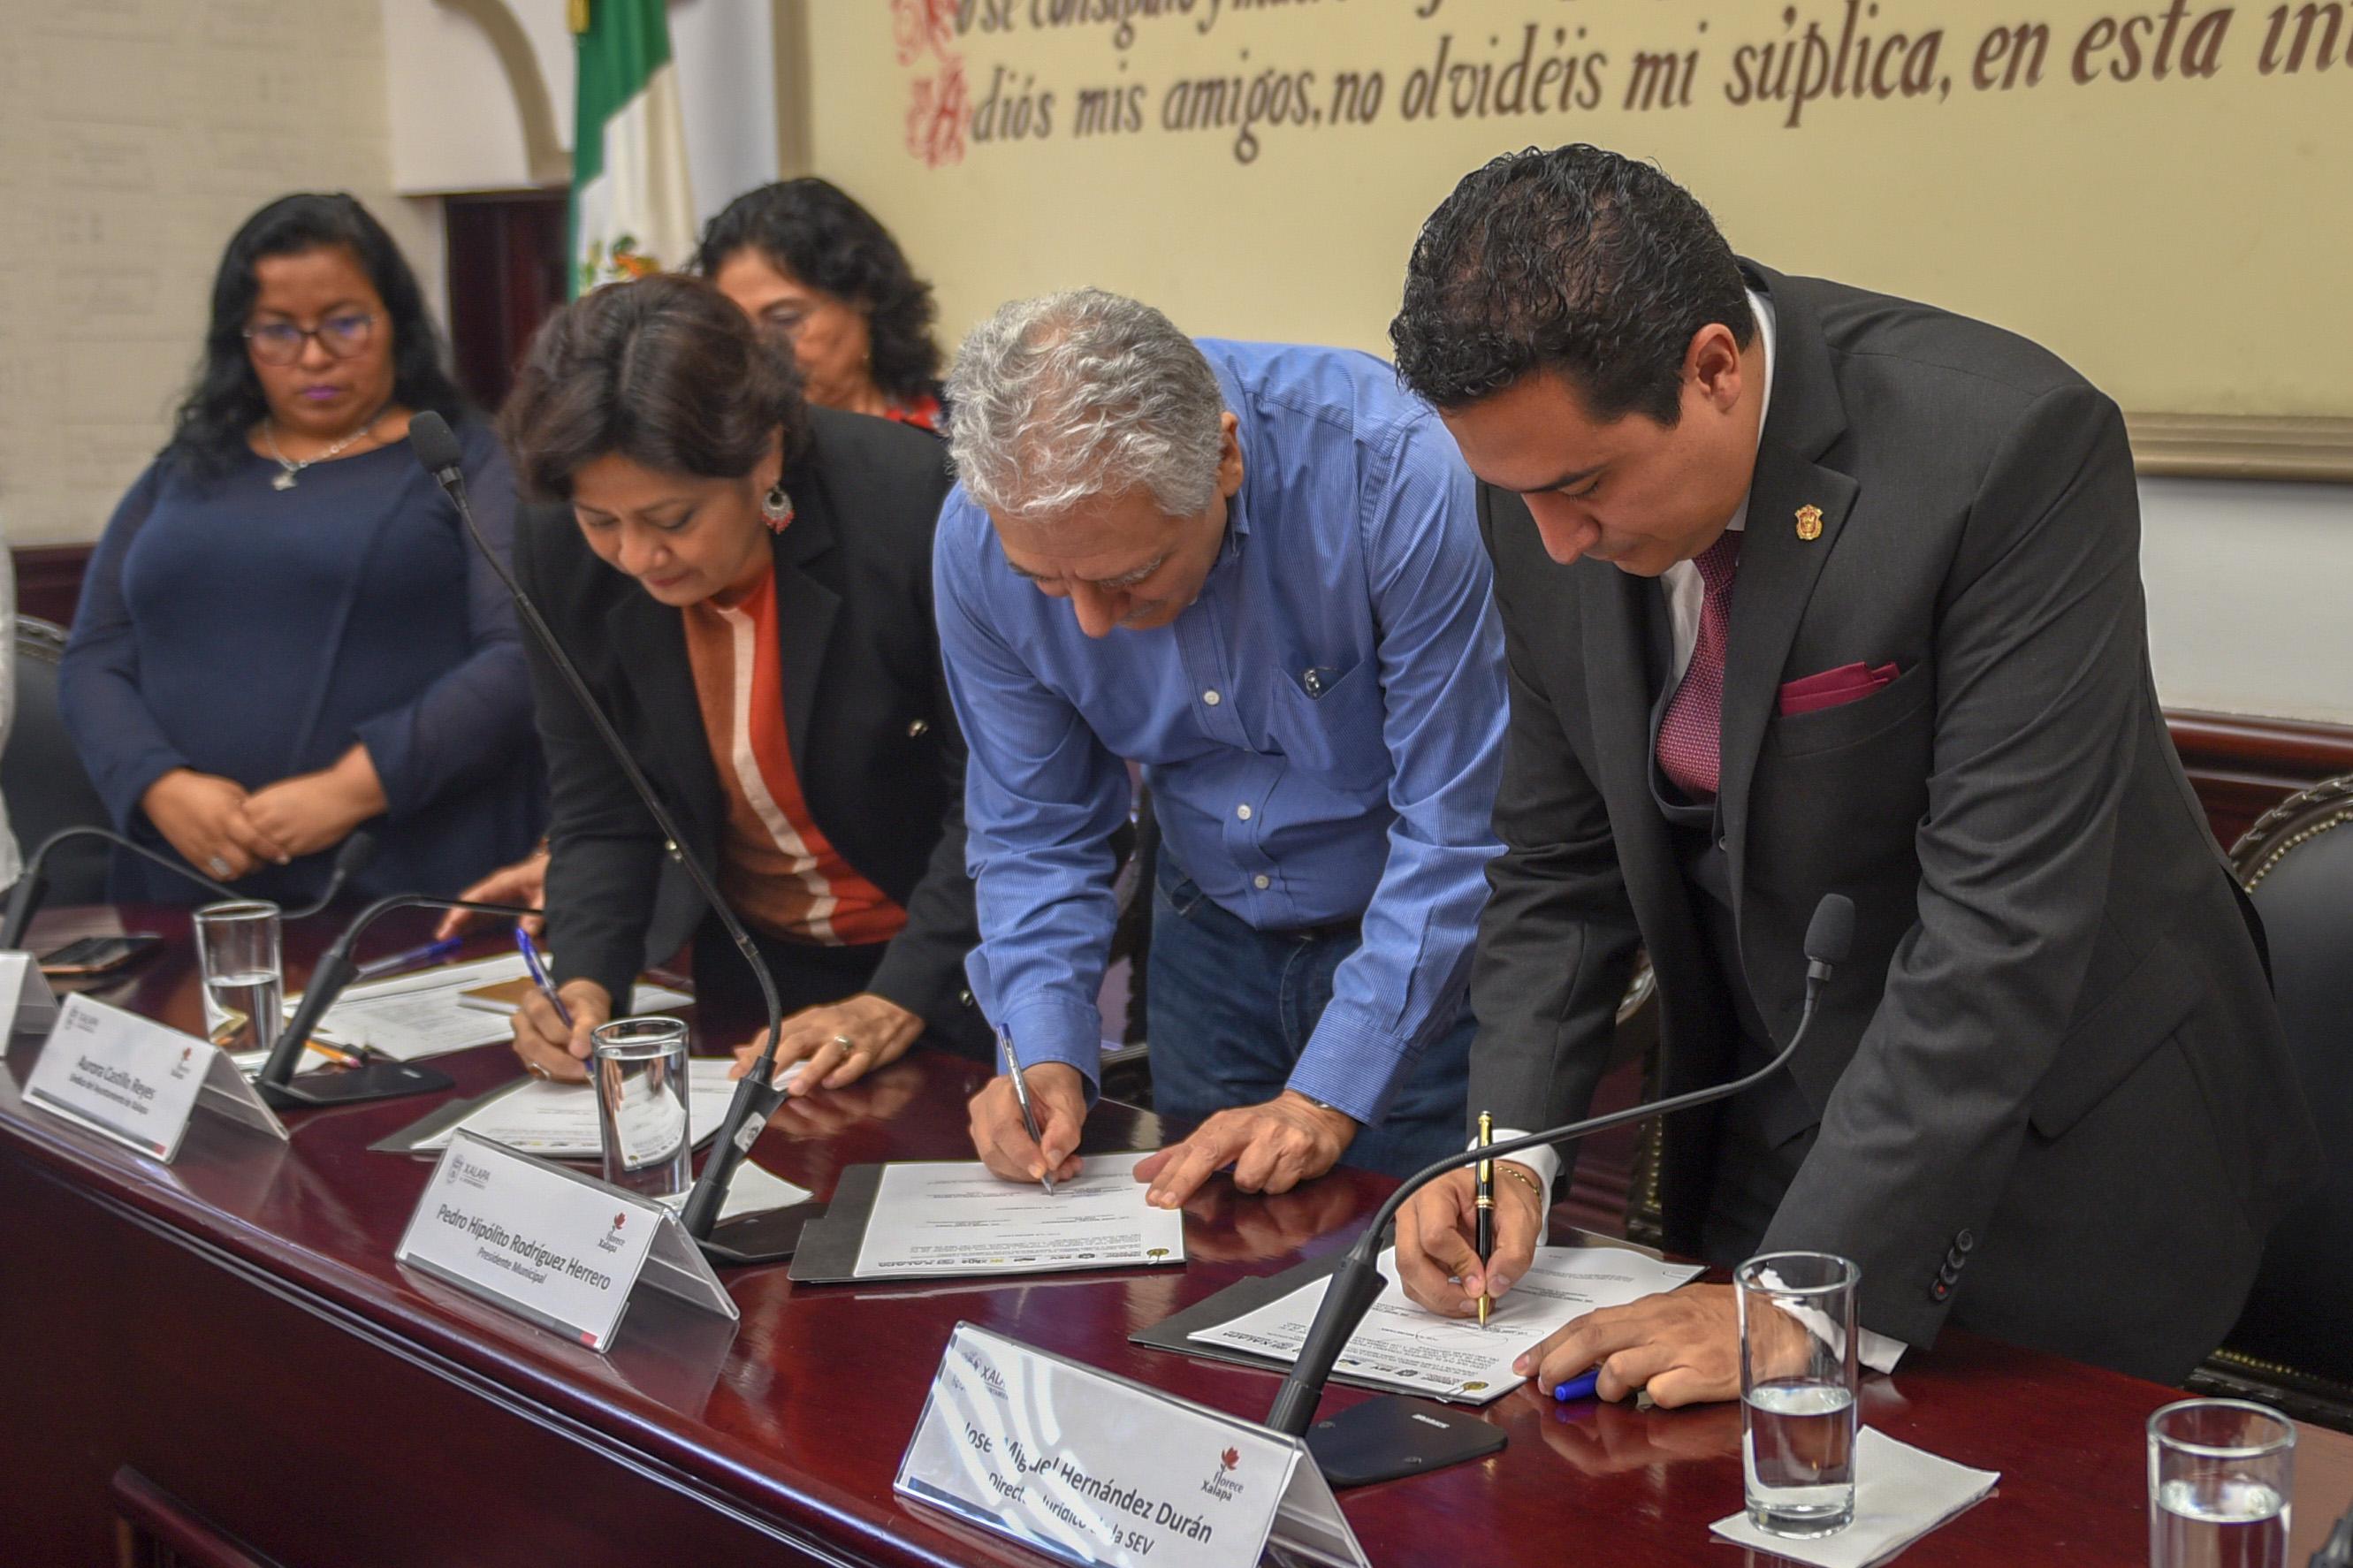 Certeza jurídica para todas las escuelas de Xalapa